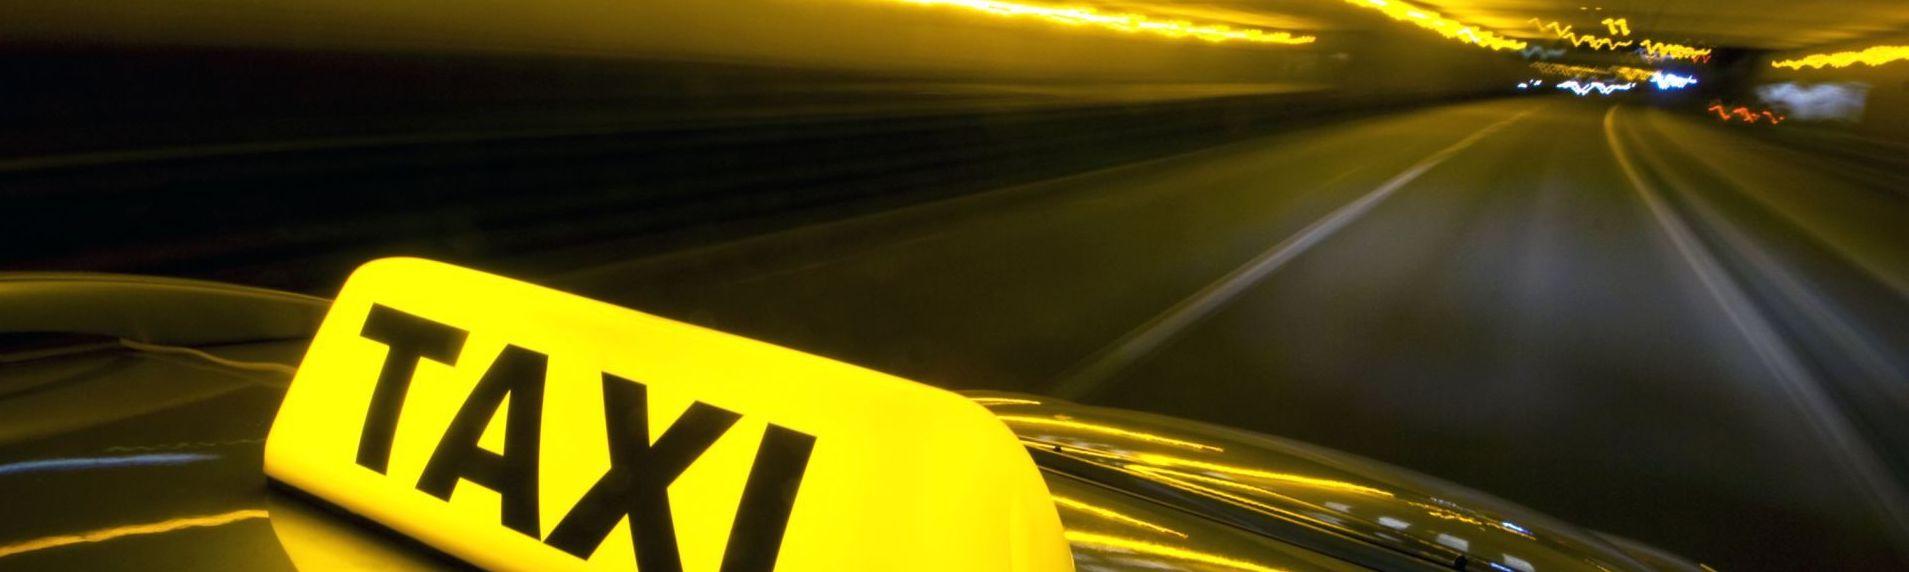 Giep van Werven Jannet Prinsen Levenskunst coaching taxi Apeldoorn Amsterdam bewustwording